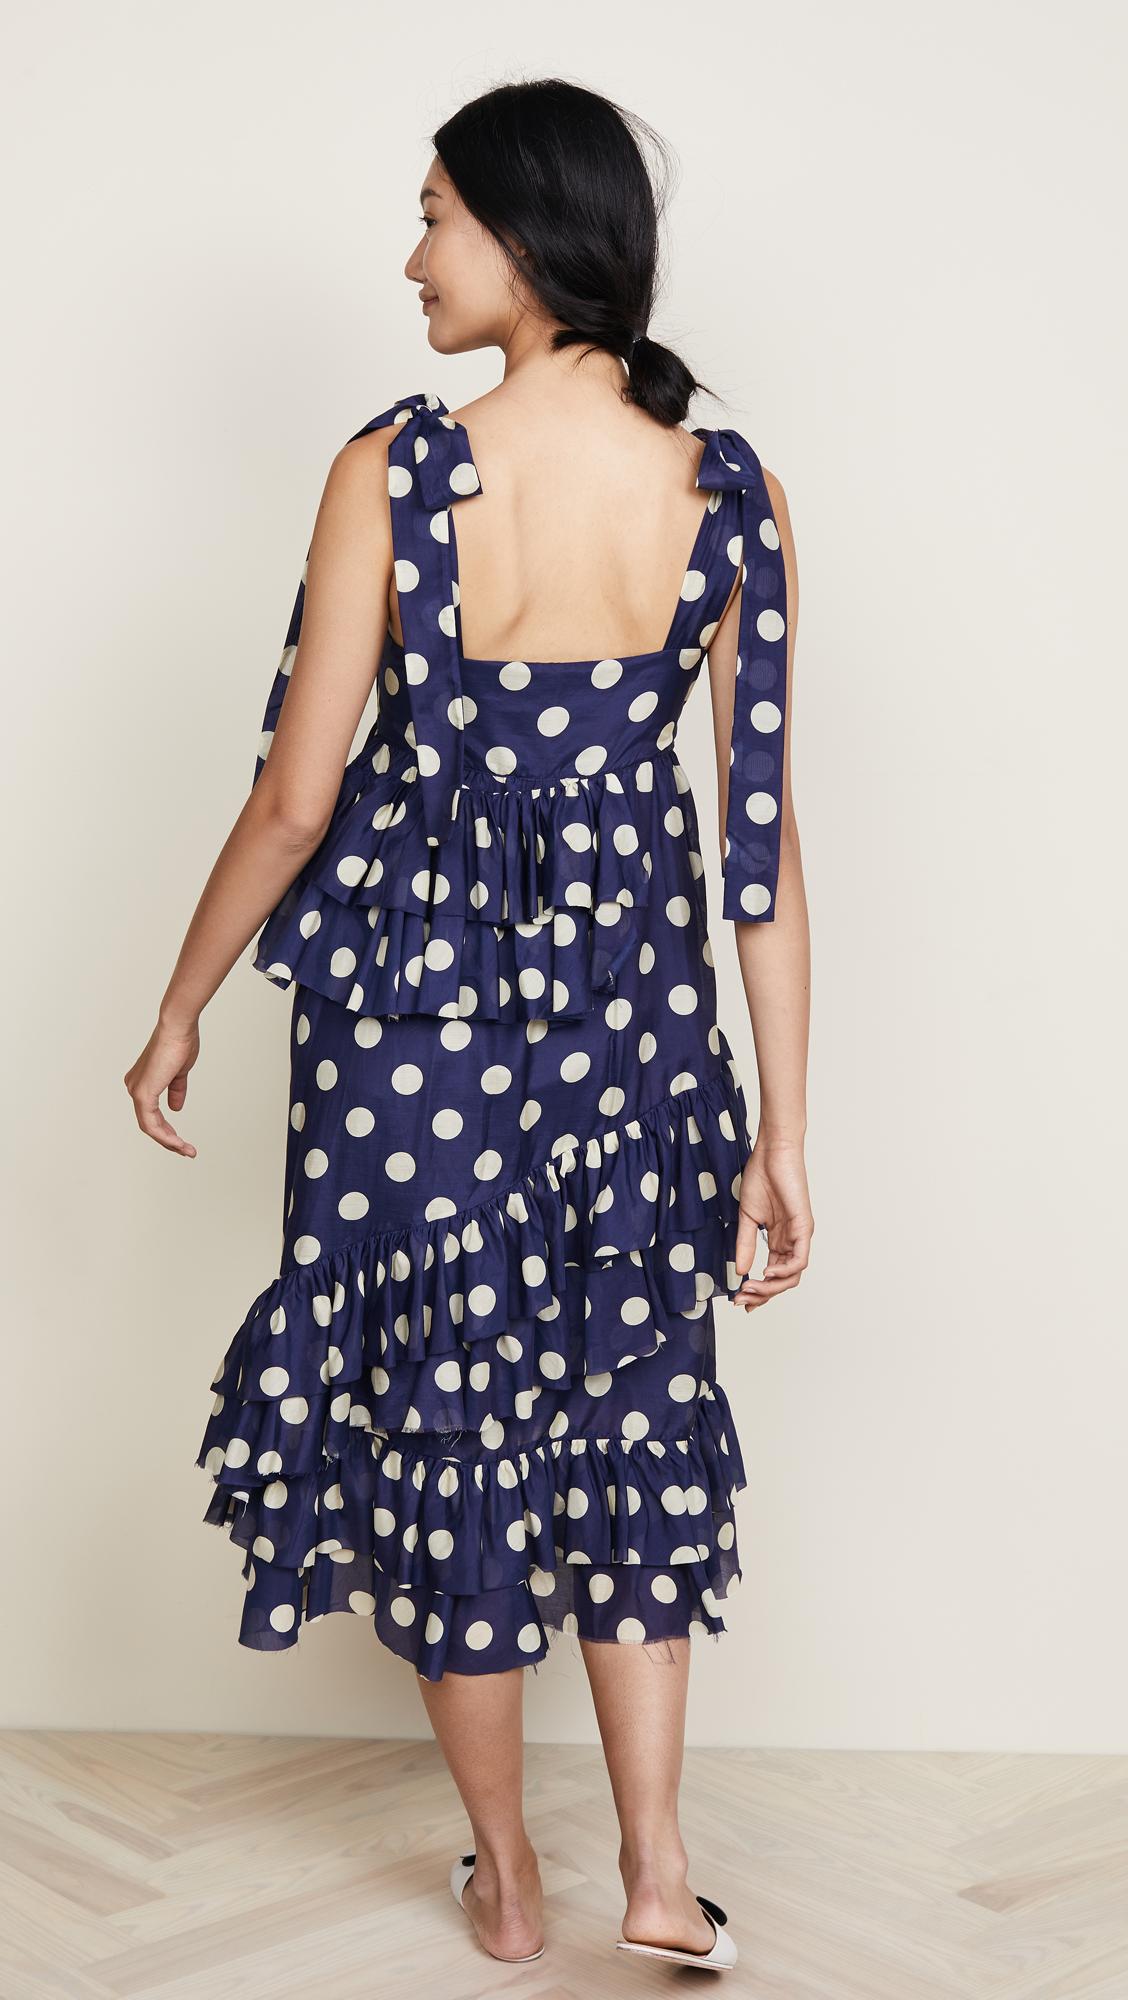 8d6fc17b12 Lee Mathews Minnie Spot Apron Dress